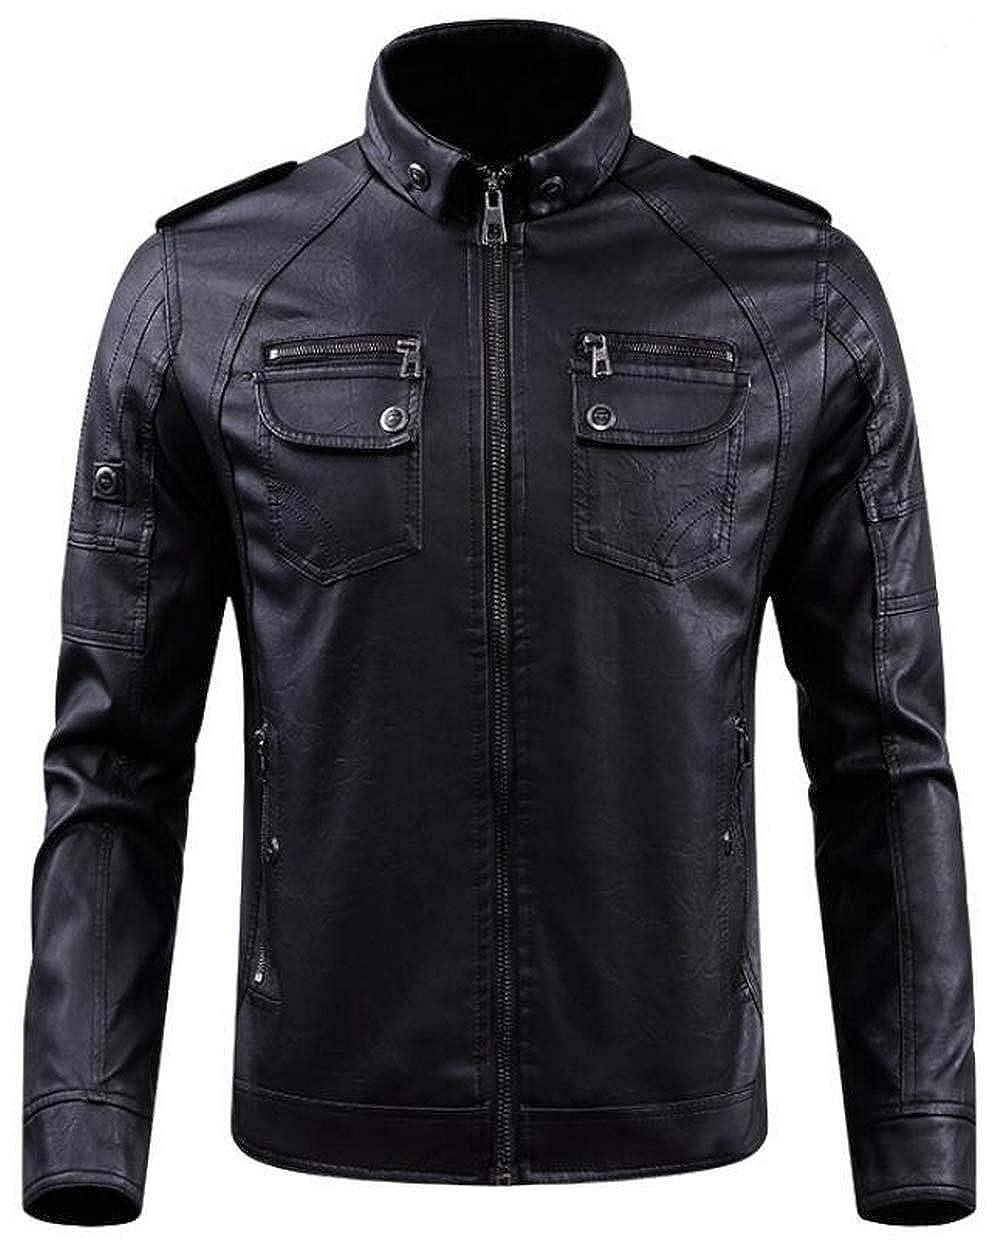 NBNNB Herren Retro Style PU Leder Motorrad Biker Jacke Stehkragen mit  Schultergurt  Amazon.de  Bekleidung e5877a4c10